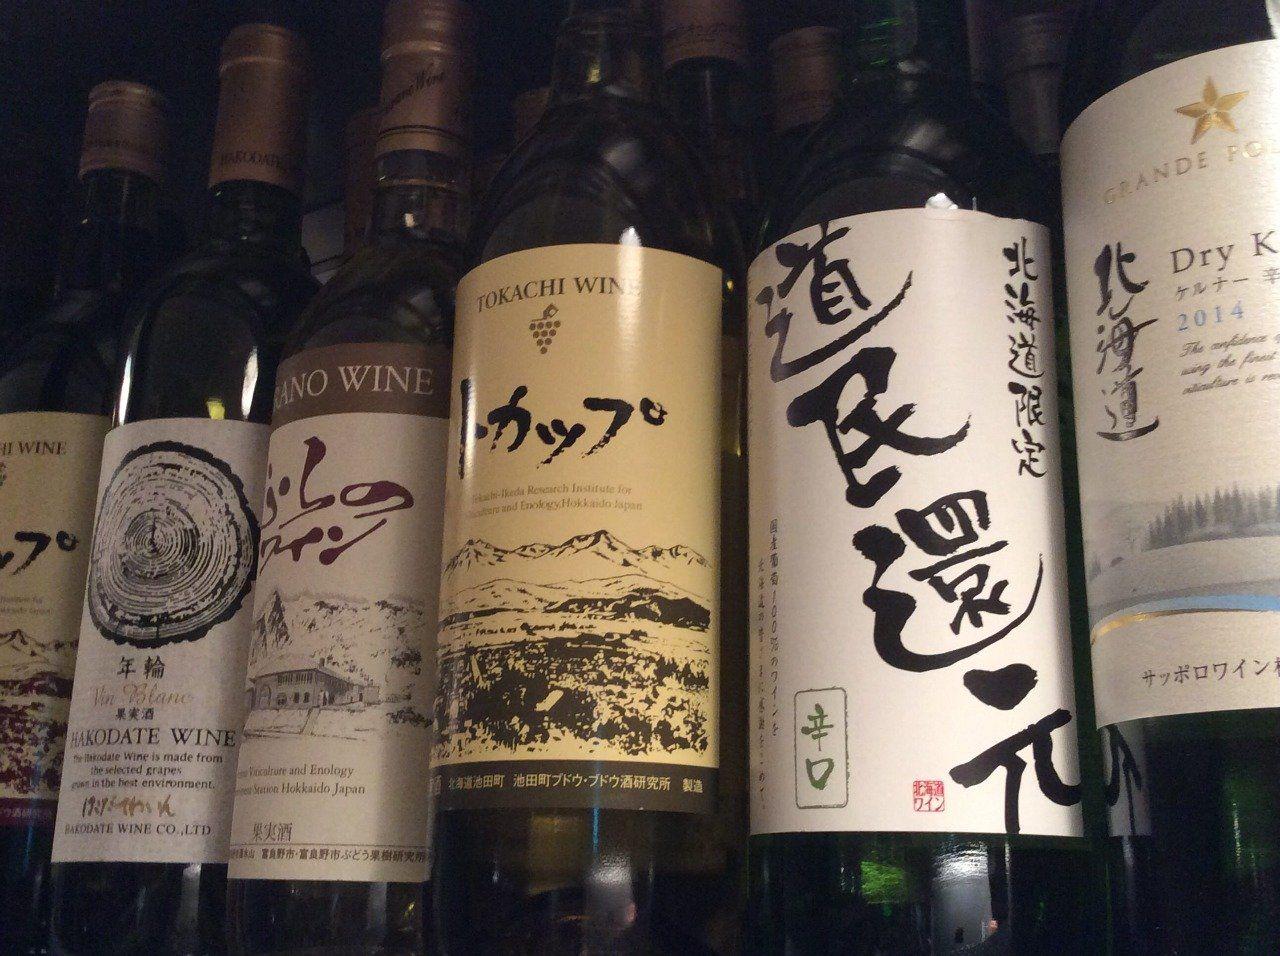 北海道のワインおすすめランキング・ベスト11!ワイナリー見学もできる!